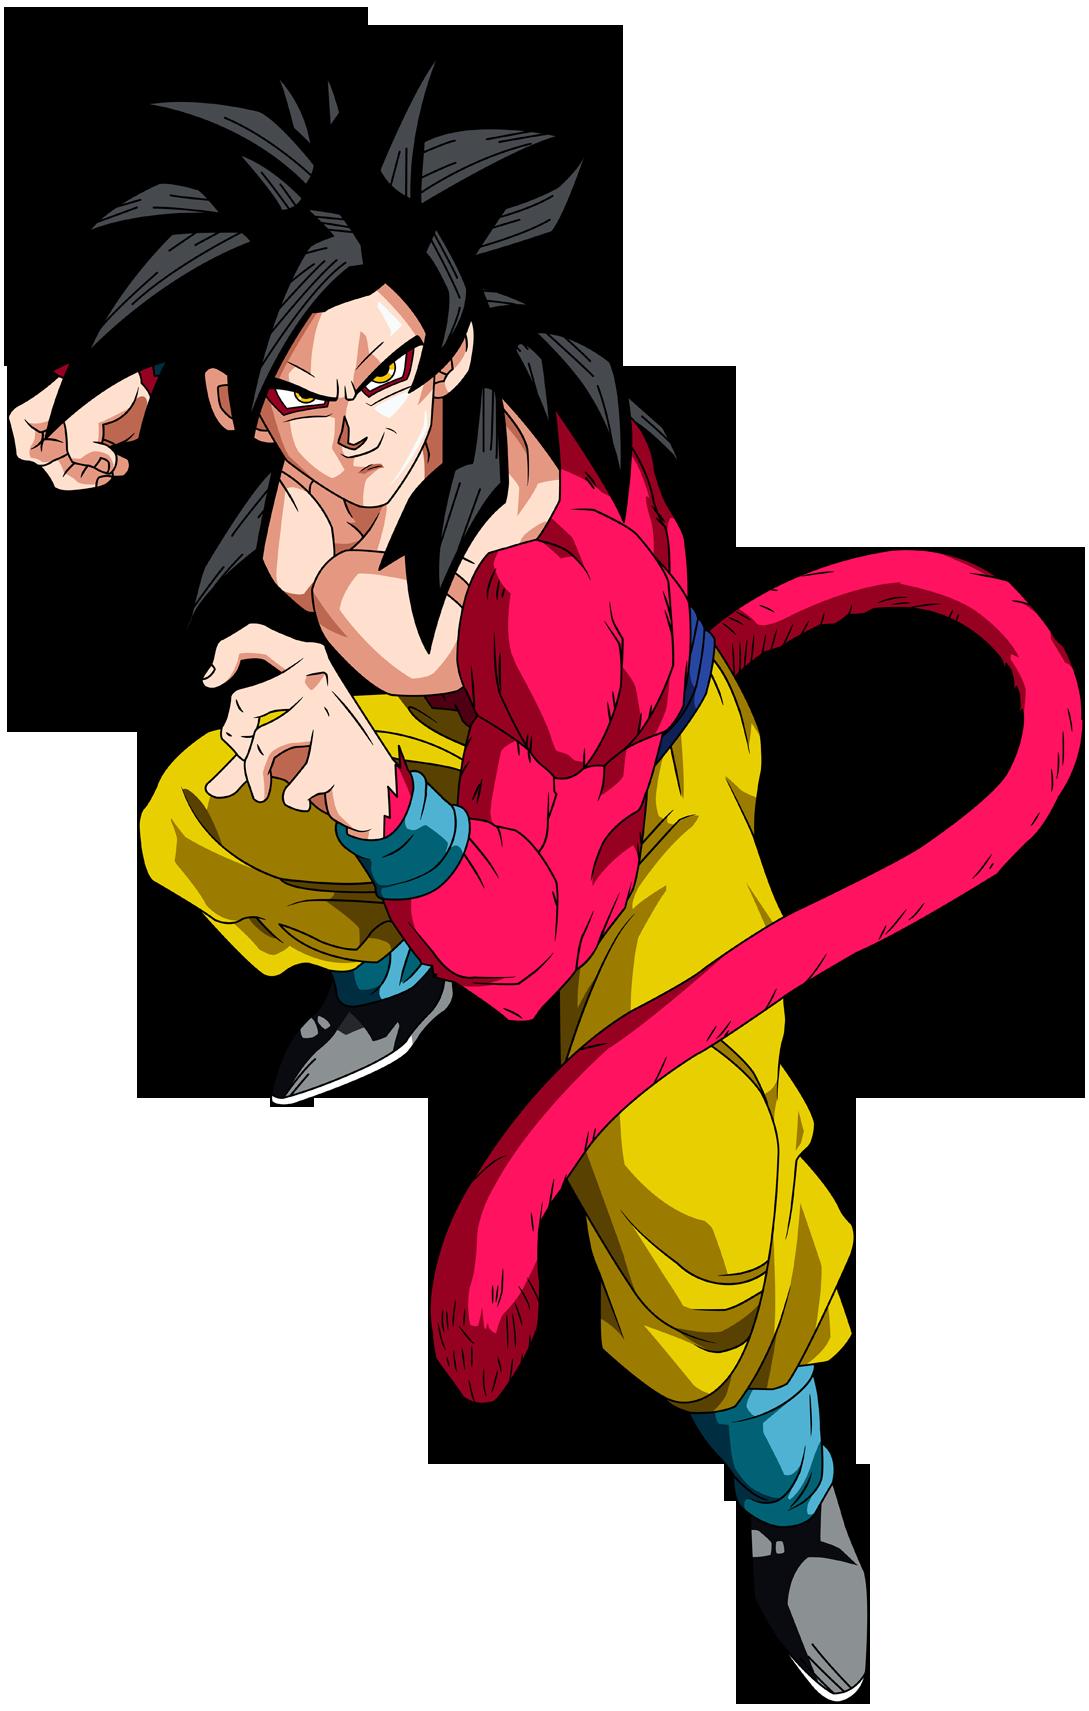 2294981 Goku Ssj 4 Png 1089 1711 Personajes De Goku Ssj 4 Personajes De Dragon Ball